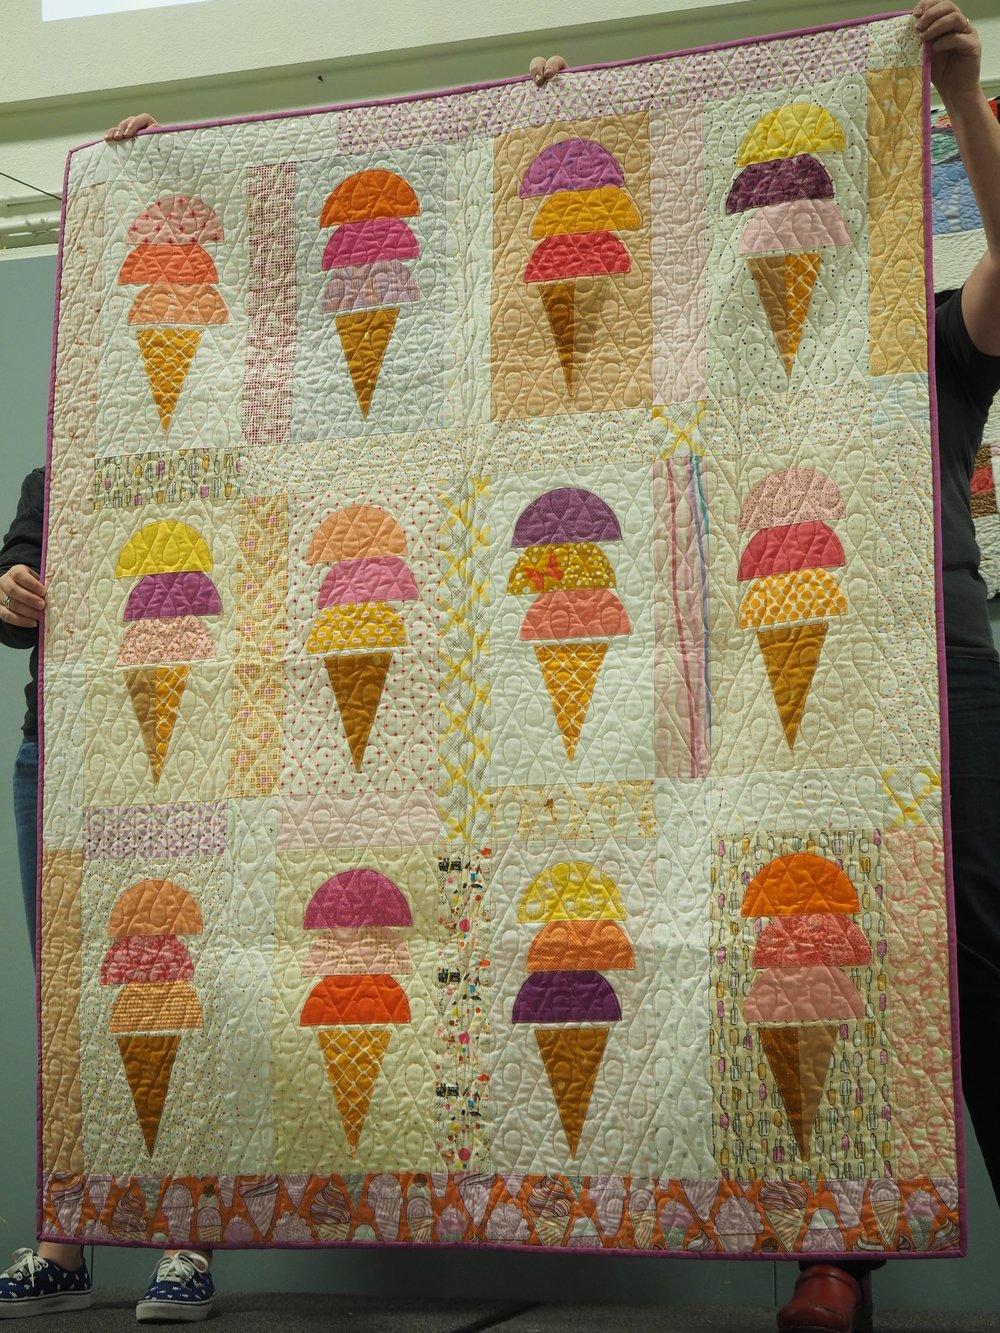 Ice Cream by Jessica Prosper-Bohannon